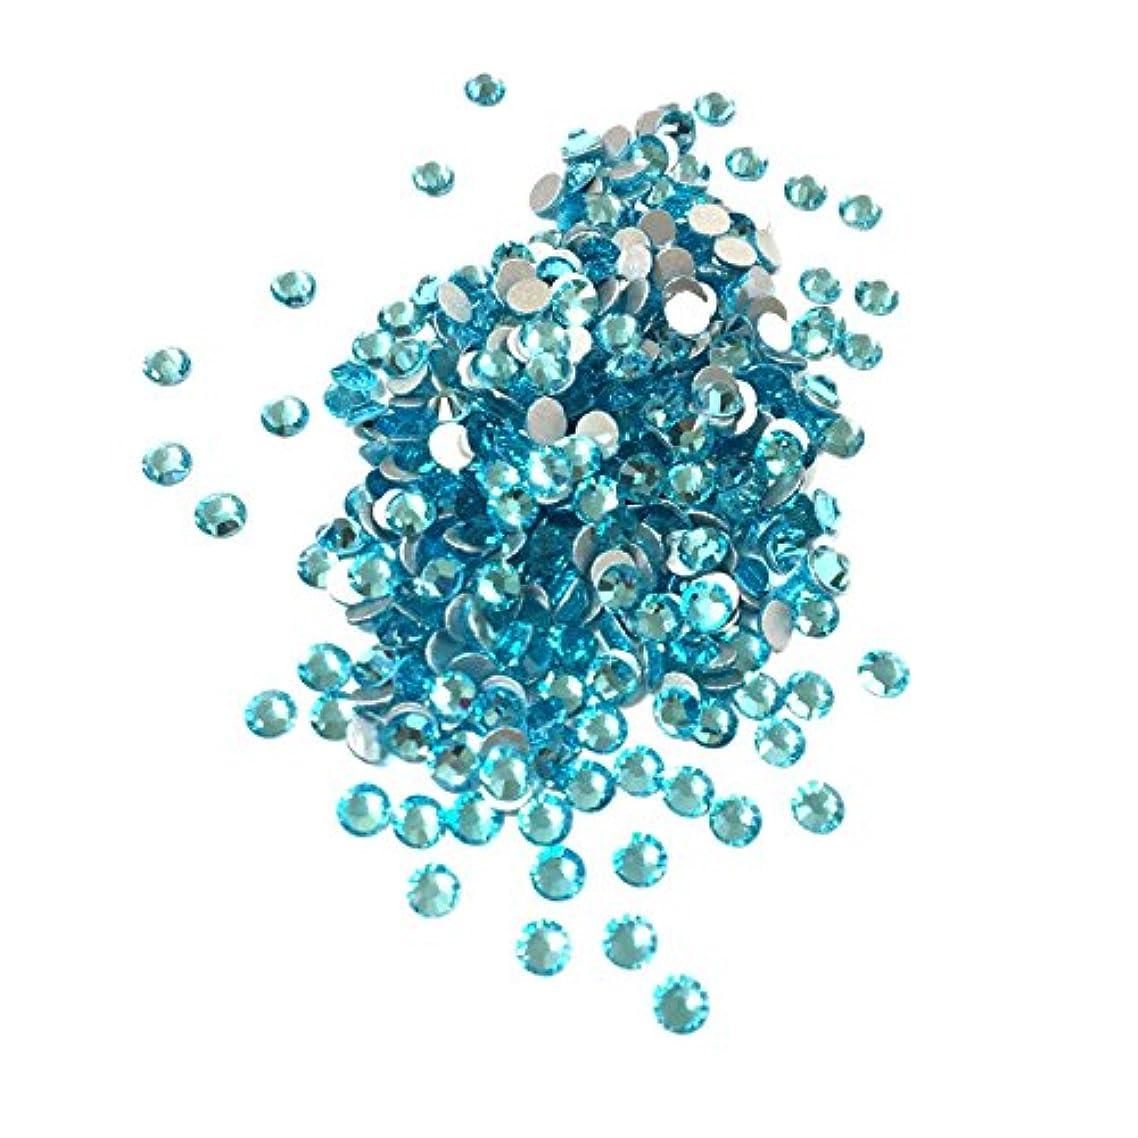 捧げる好きナンセンス【ネイルウーマン】最高品質ガラスストーン!スワロ同等の輝き! アクアマリン 水色 ライトブルー (約100粒入り) (SS3, アクアマリン)